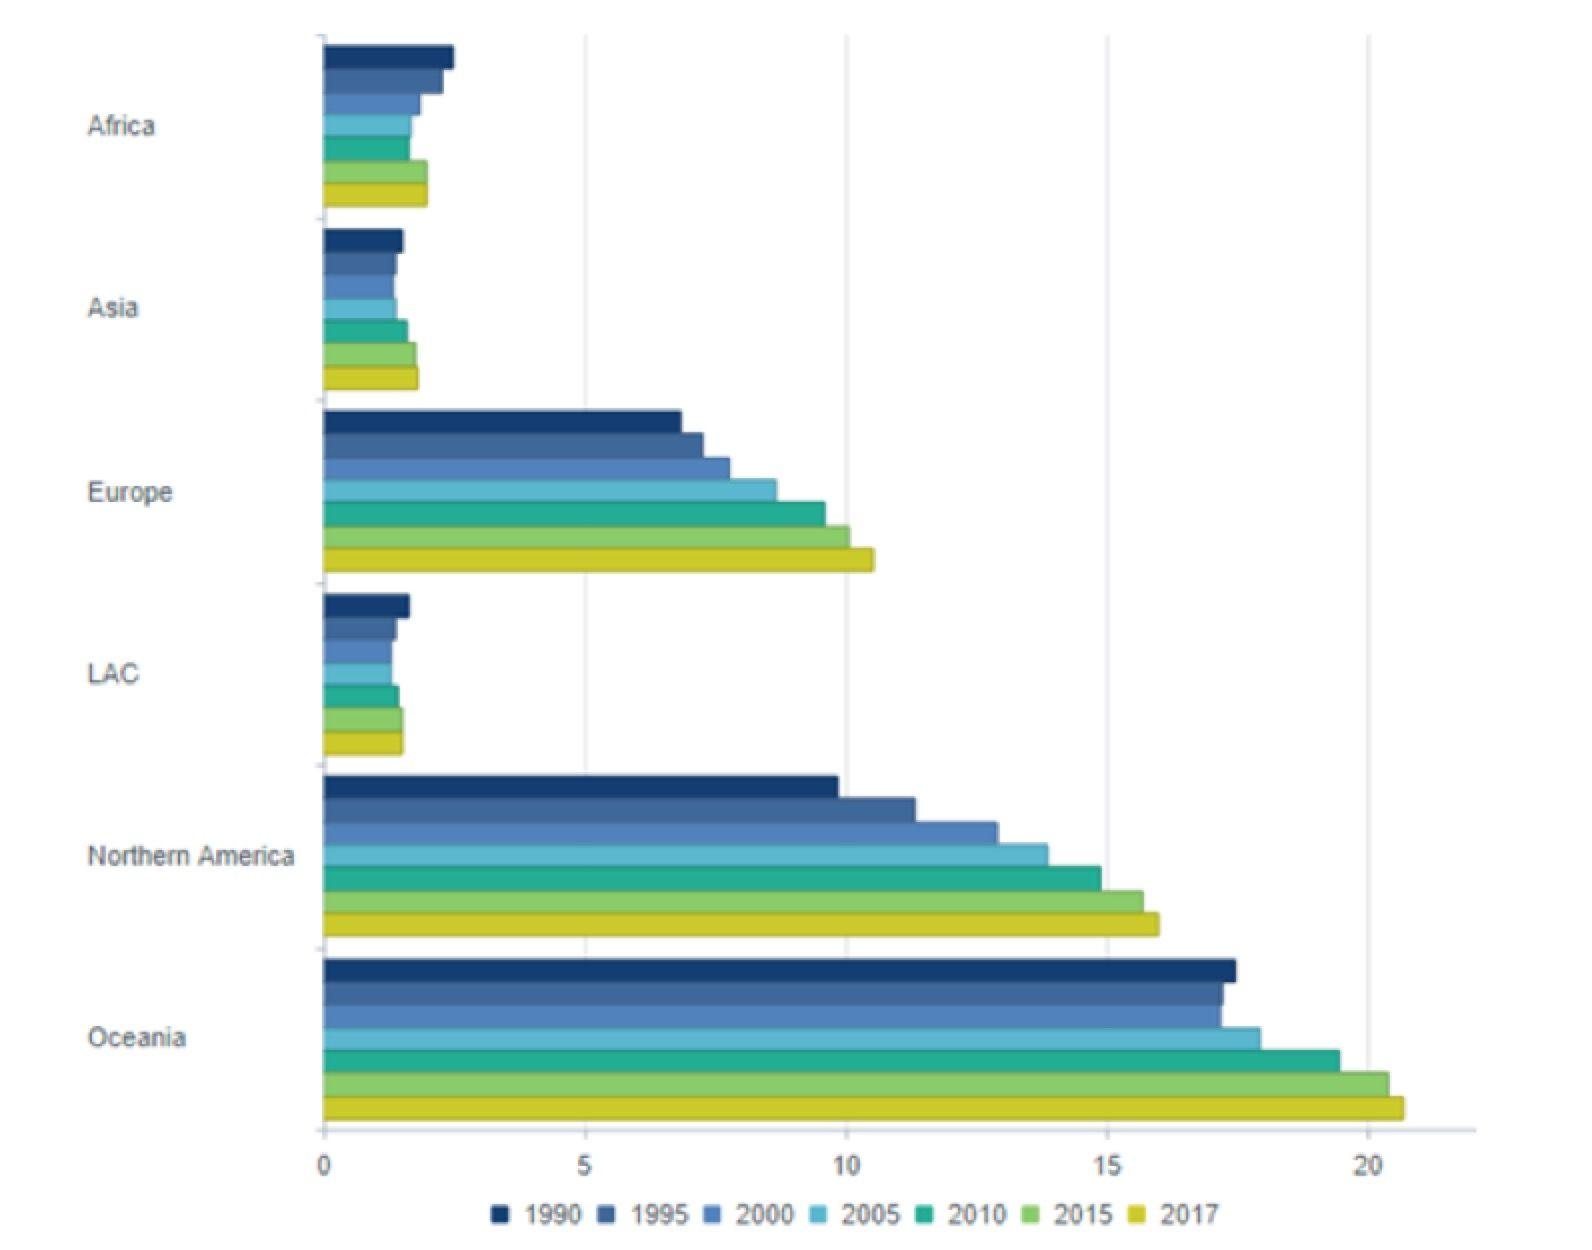 Figura 1 - Stock migratorio per 100 abitanti nelle regioni del mondo, 1990-2017 (LAC=America Latina e Caraibi). Fonte: Nazioni Unite